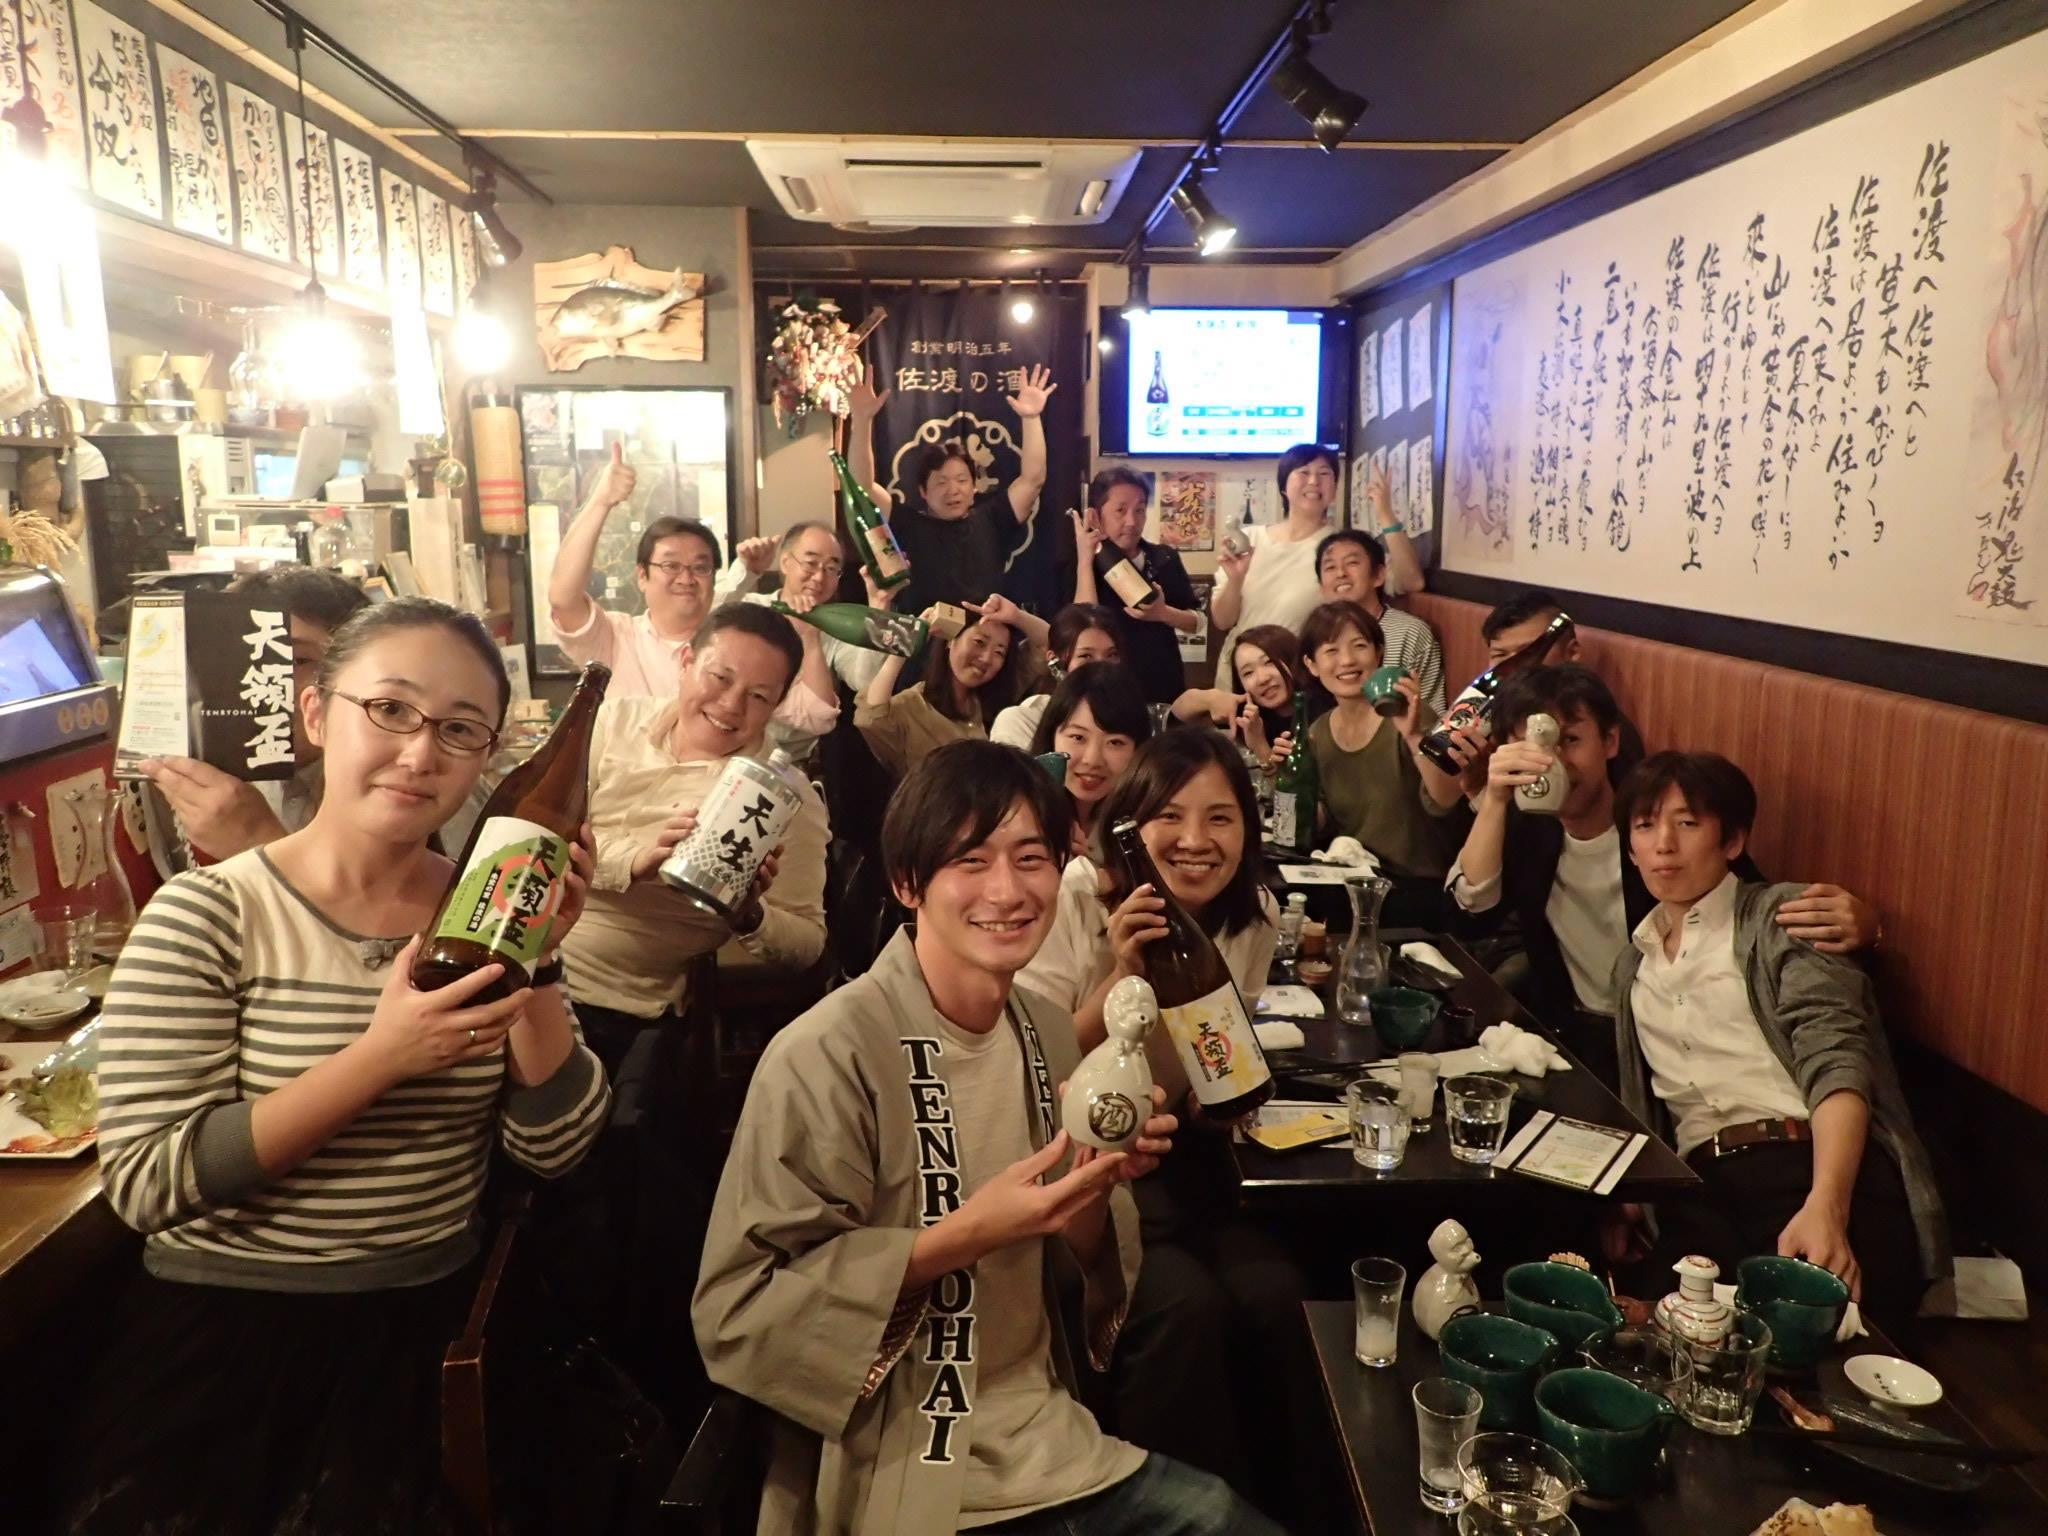 天領盃蔵元日本酒会 昨年の様子